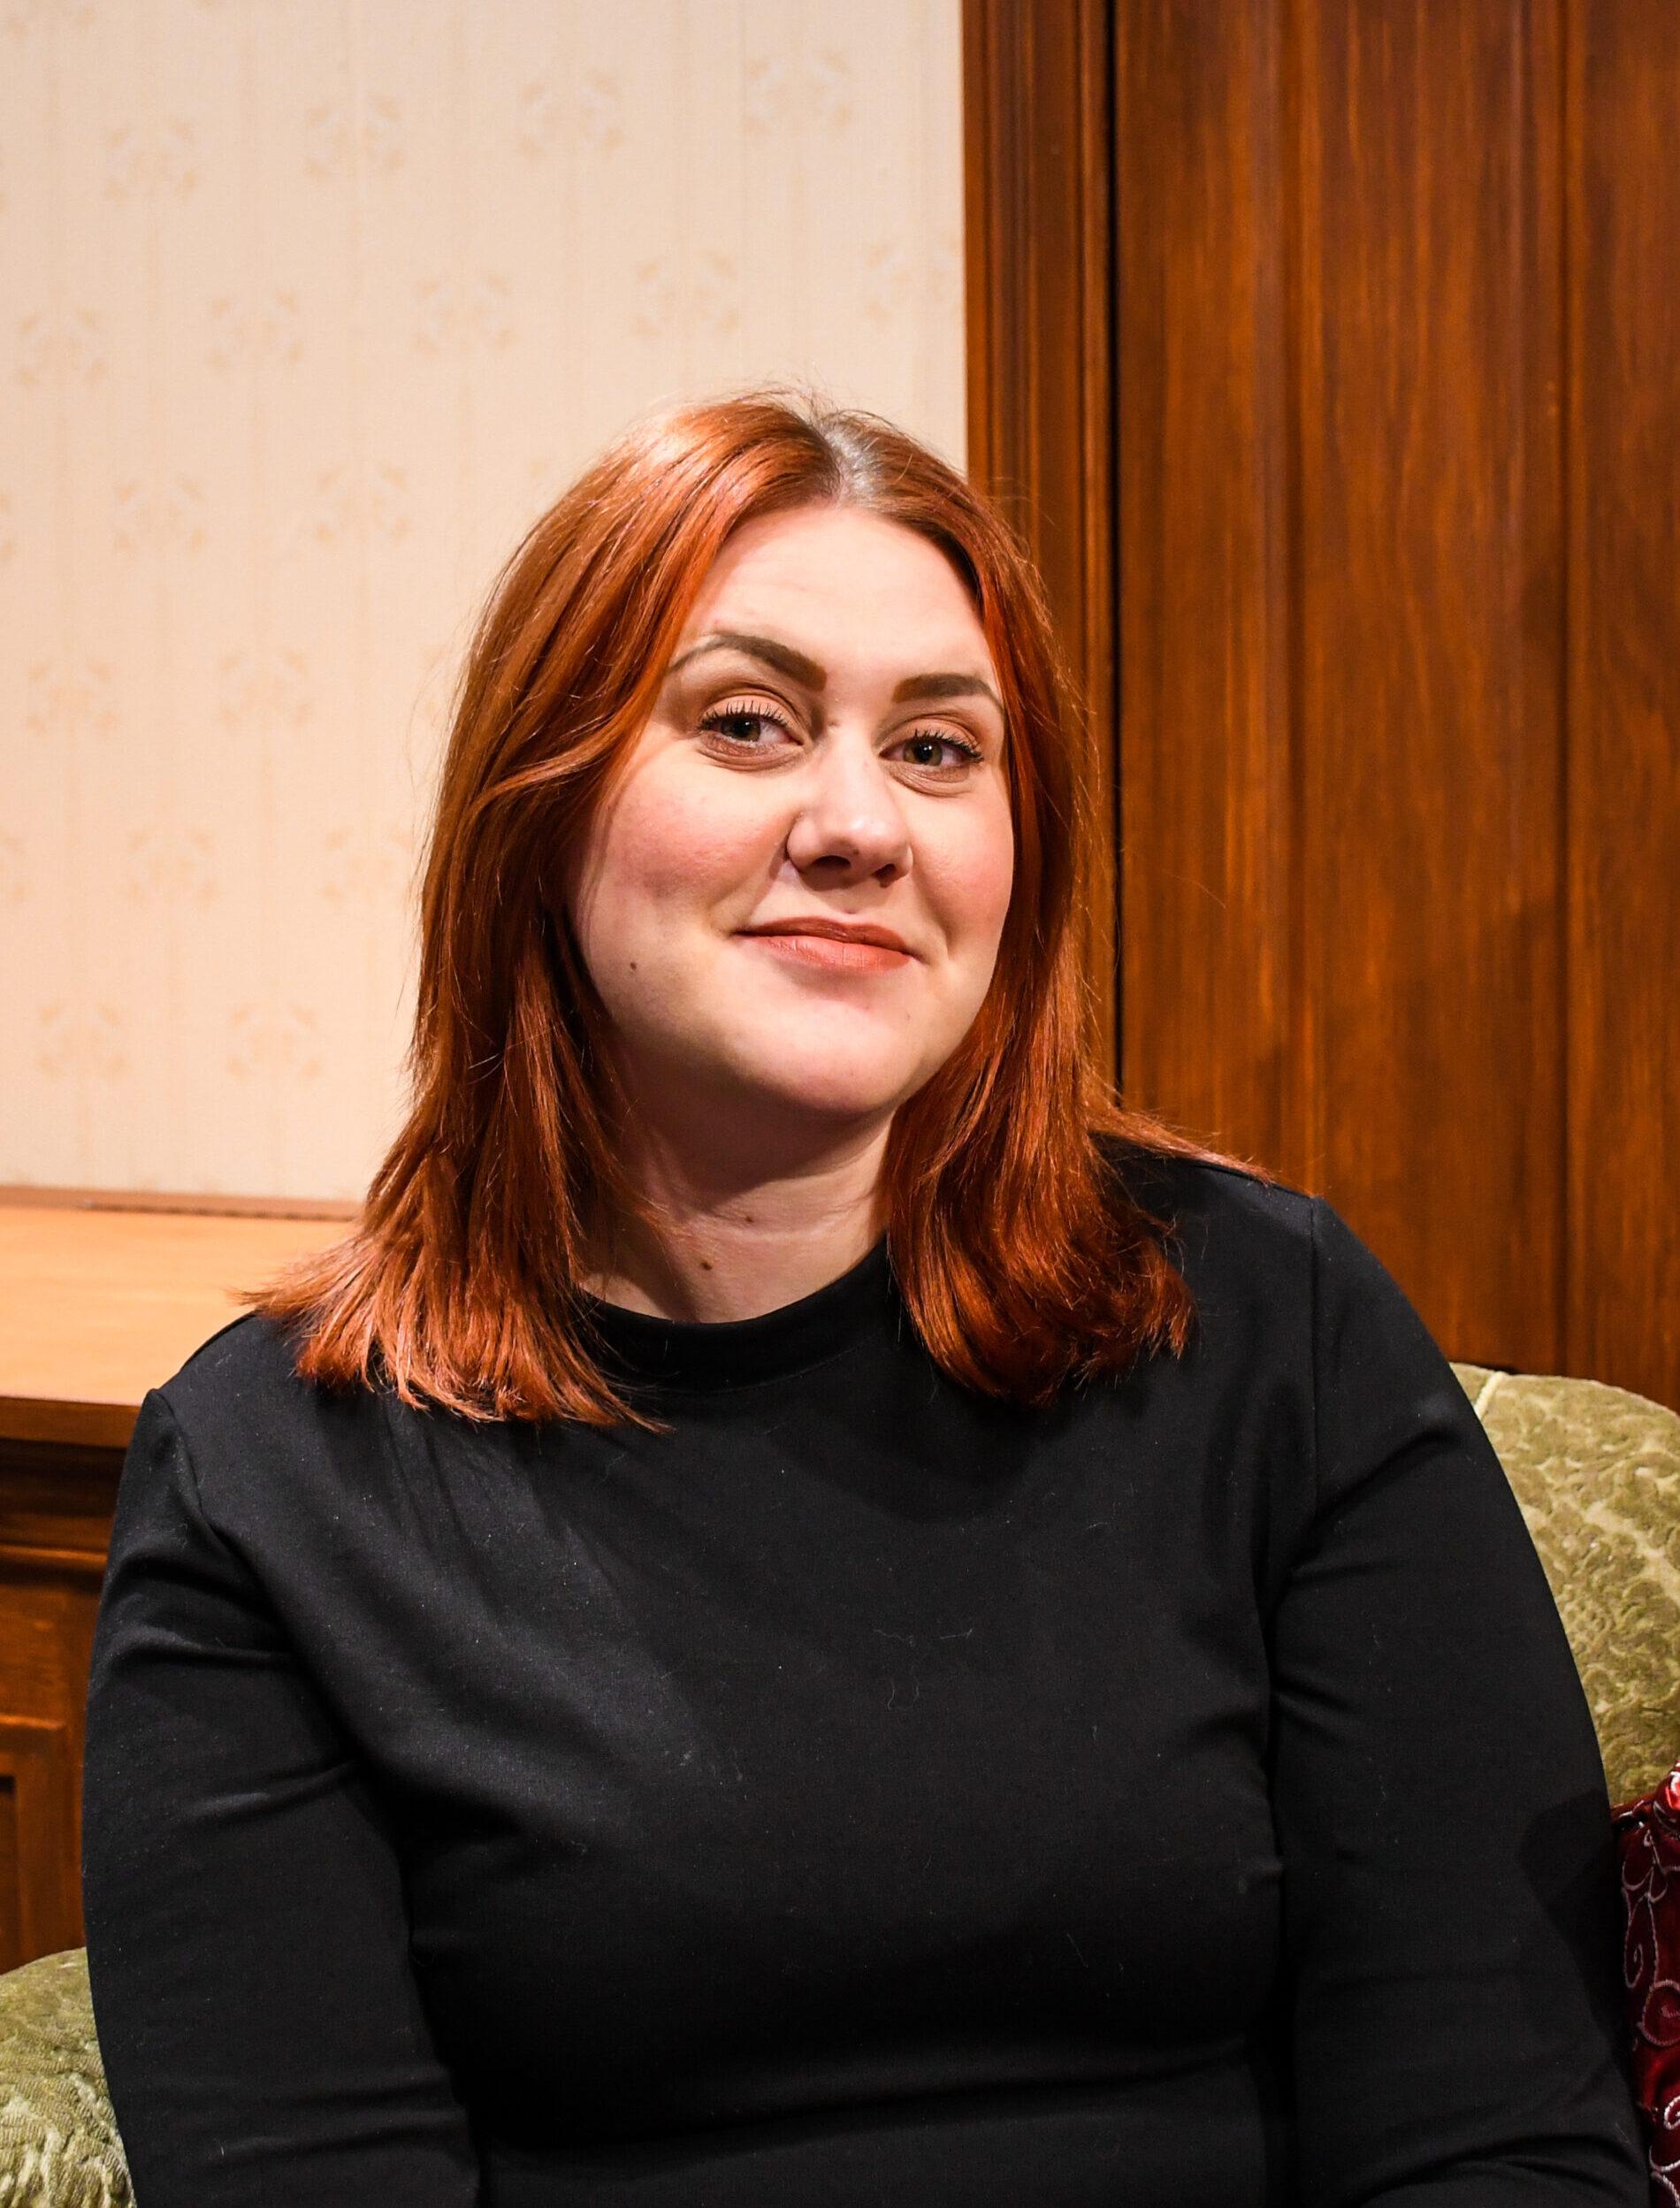 Emmelie Karlsson